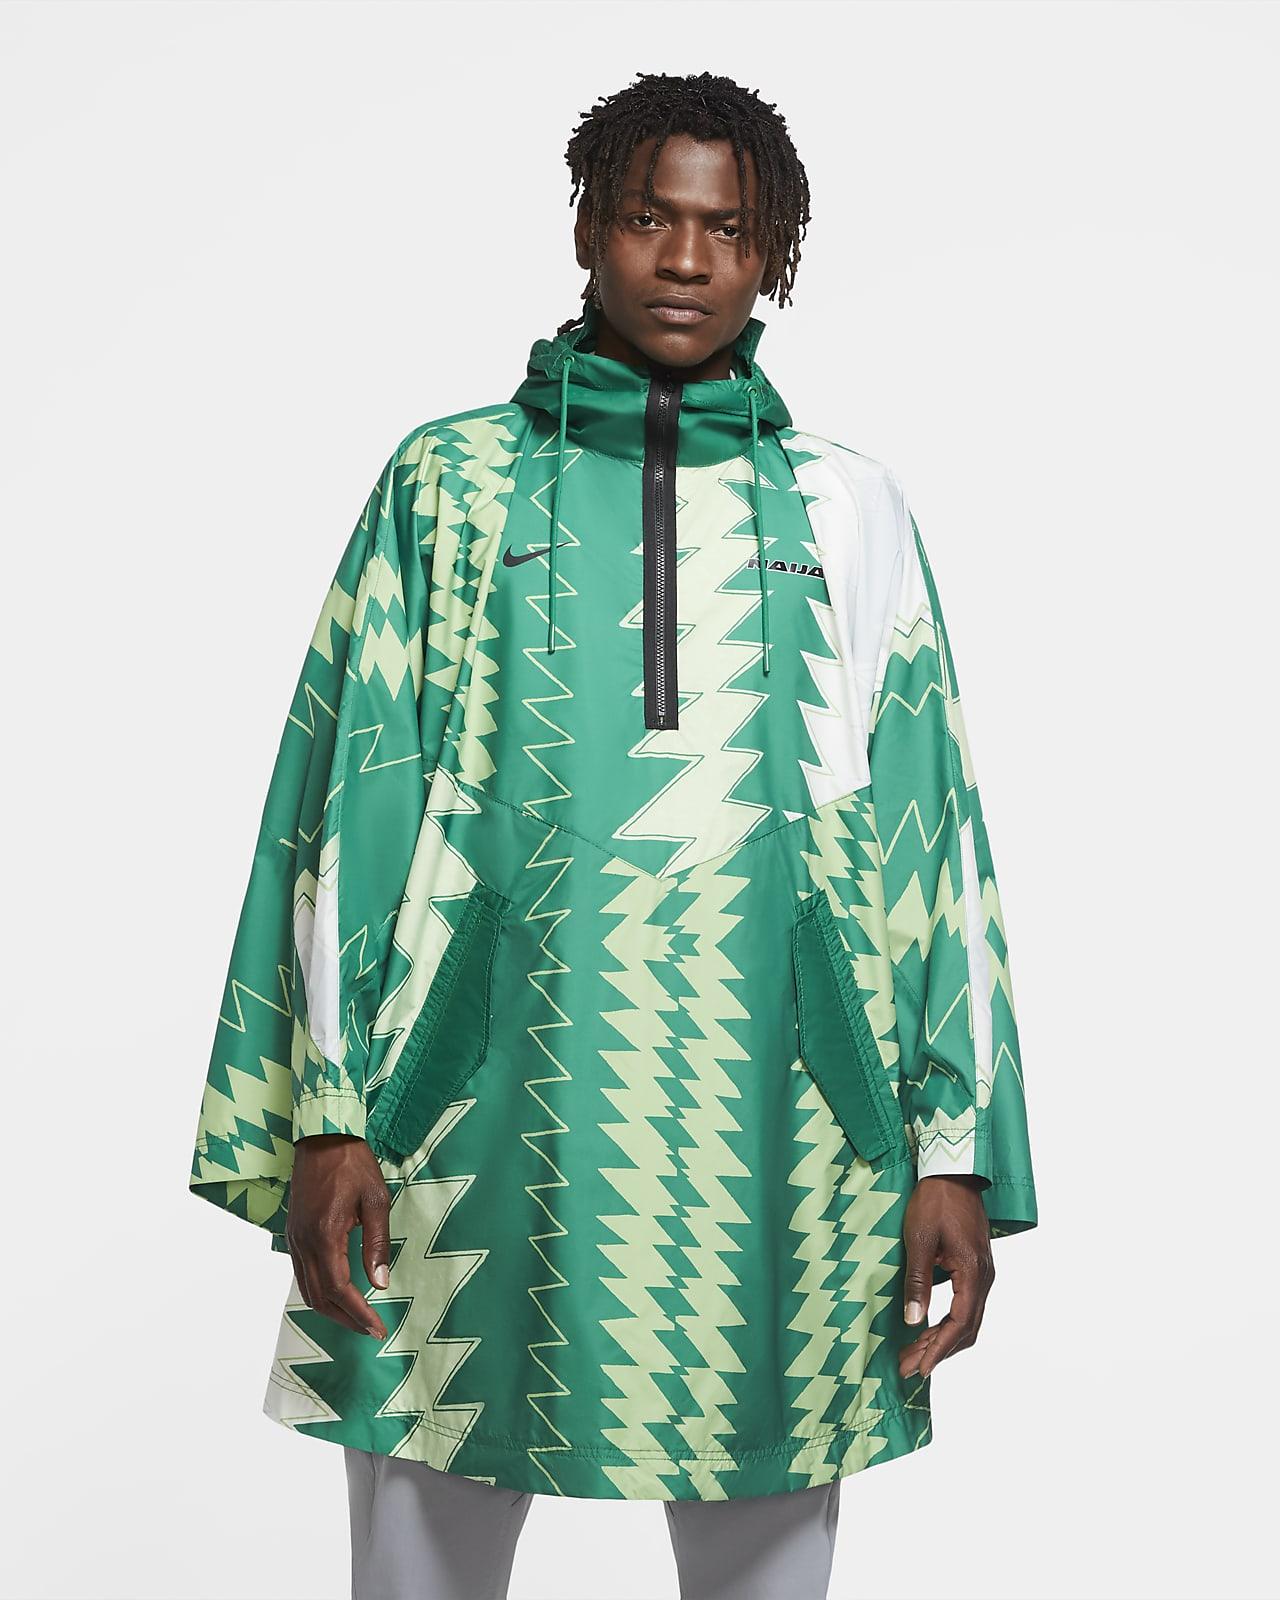 เสื้อพอนโชผู้ชายแบบทอ Nigeria